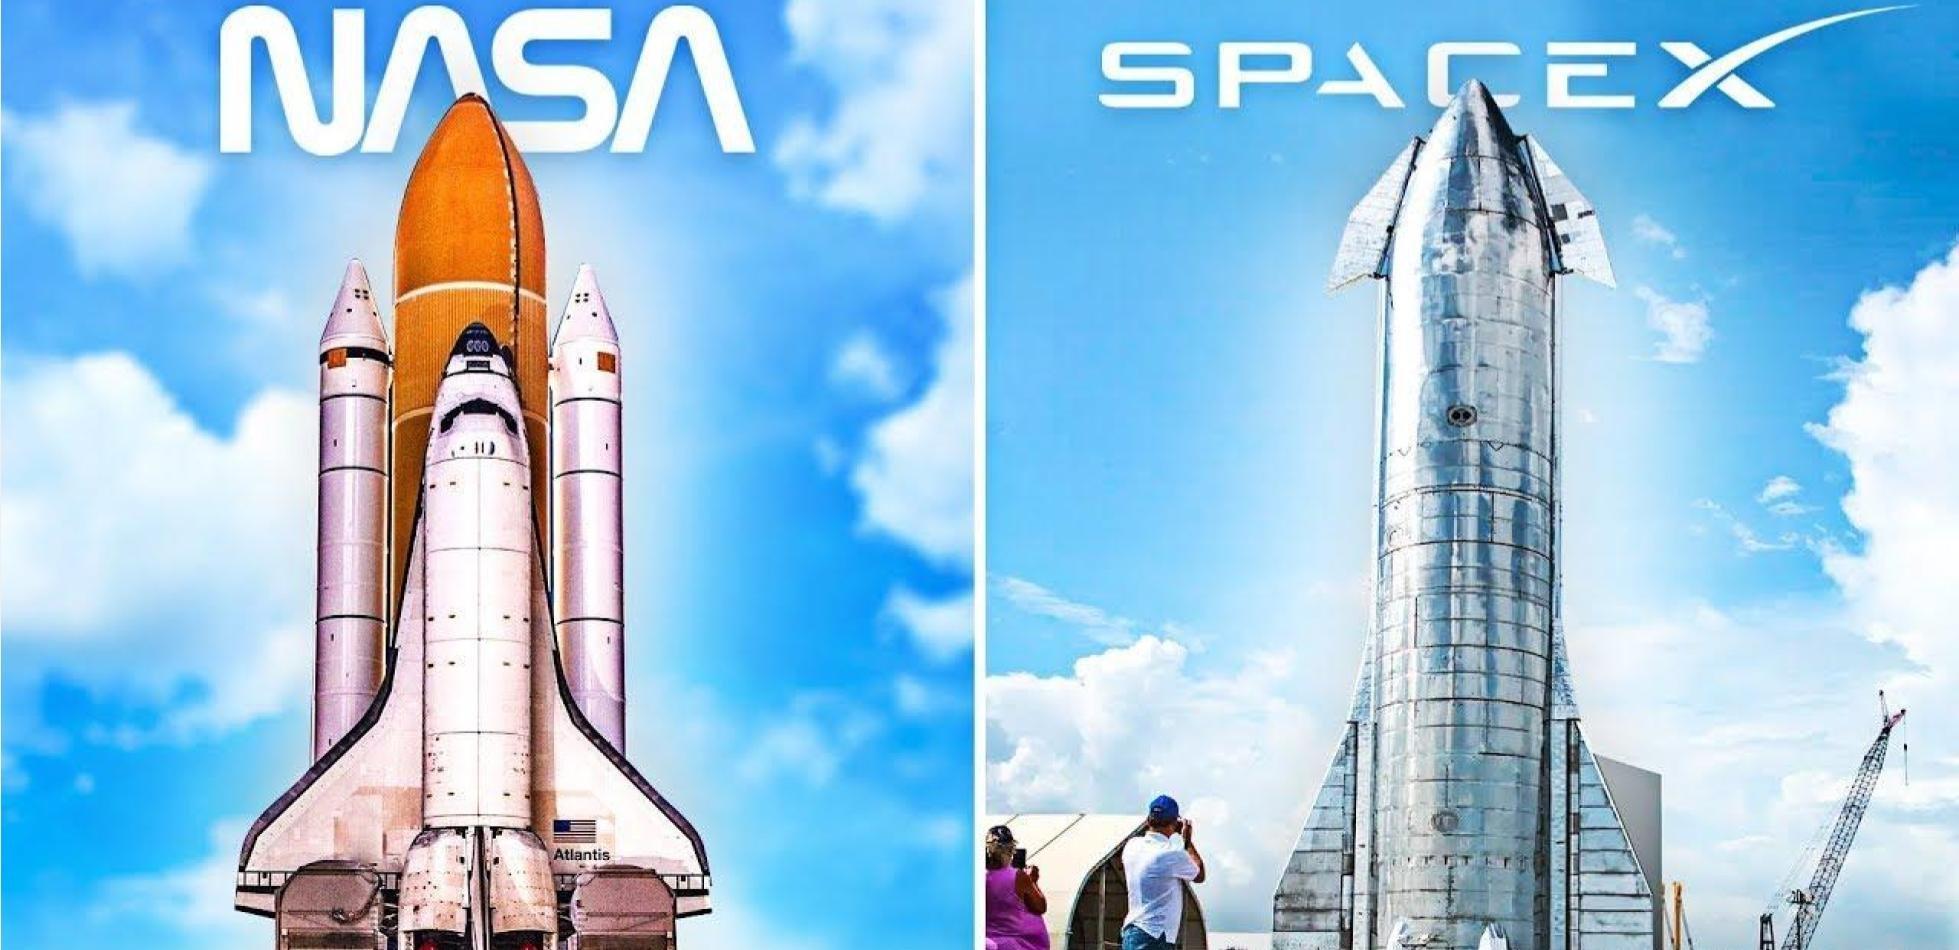 Kiedy kolejne testy SpaceX i NASA?